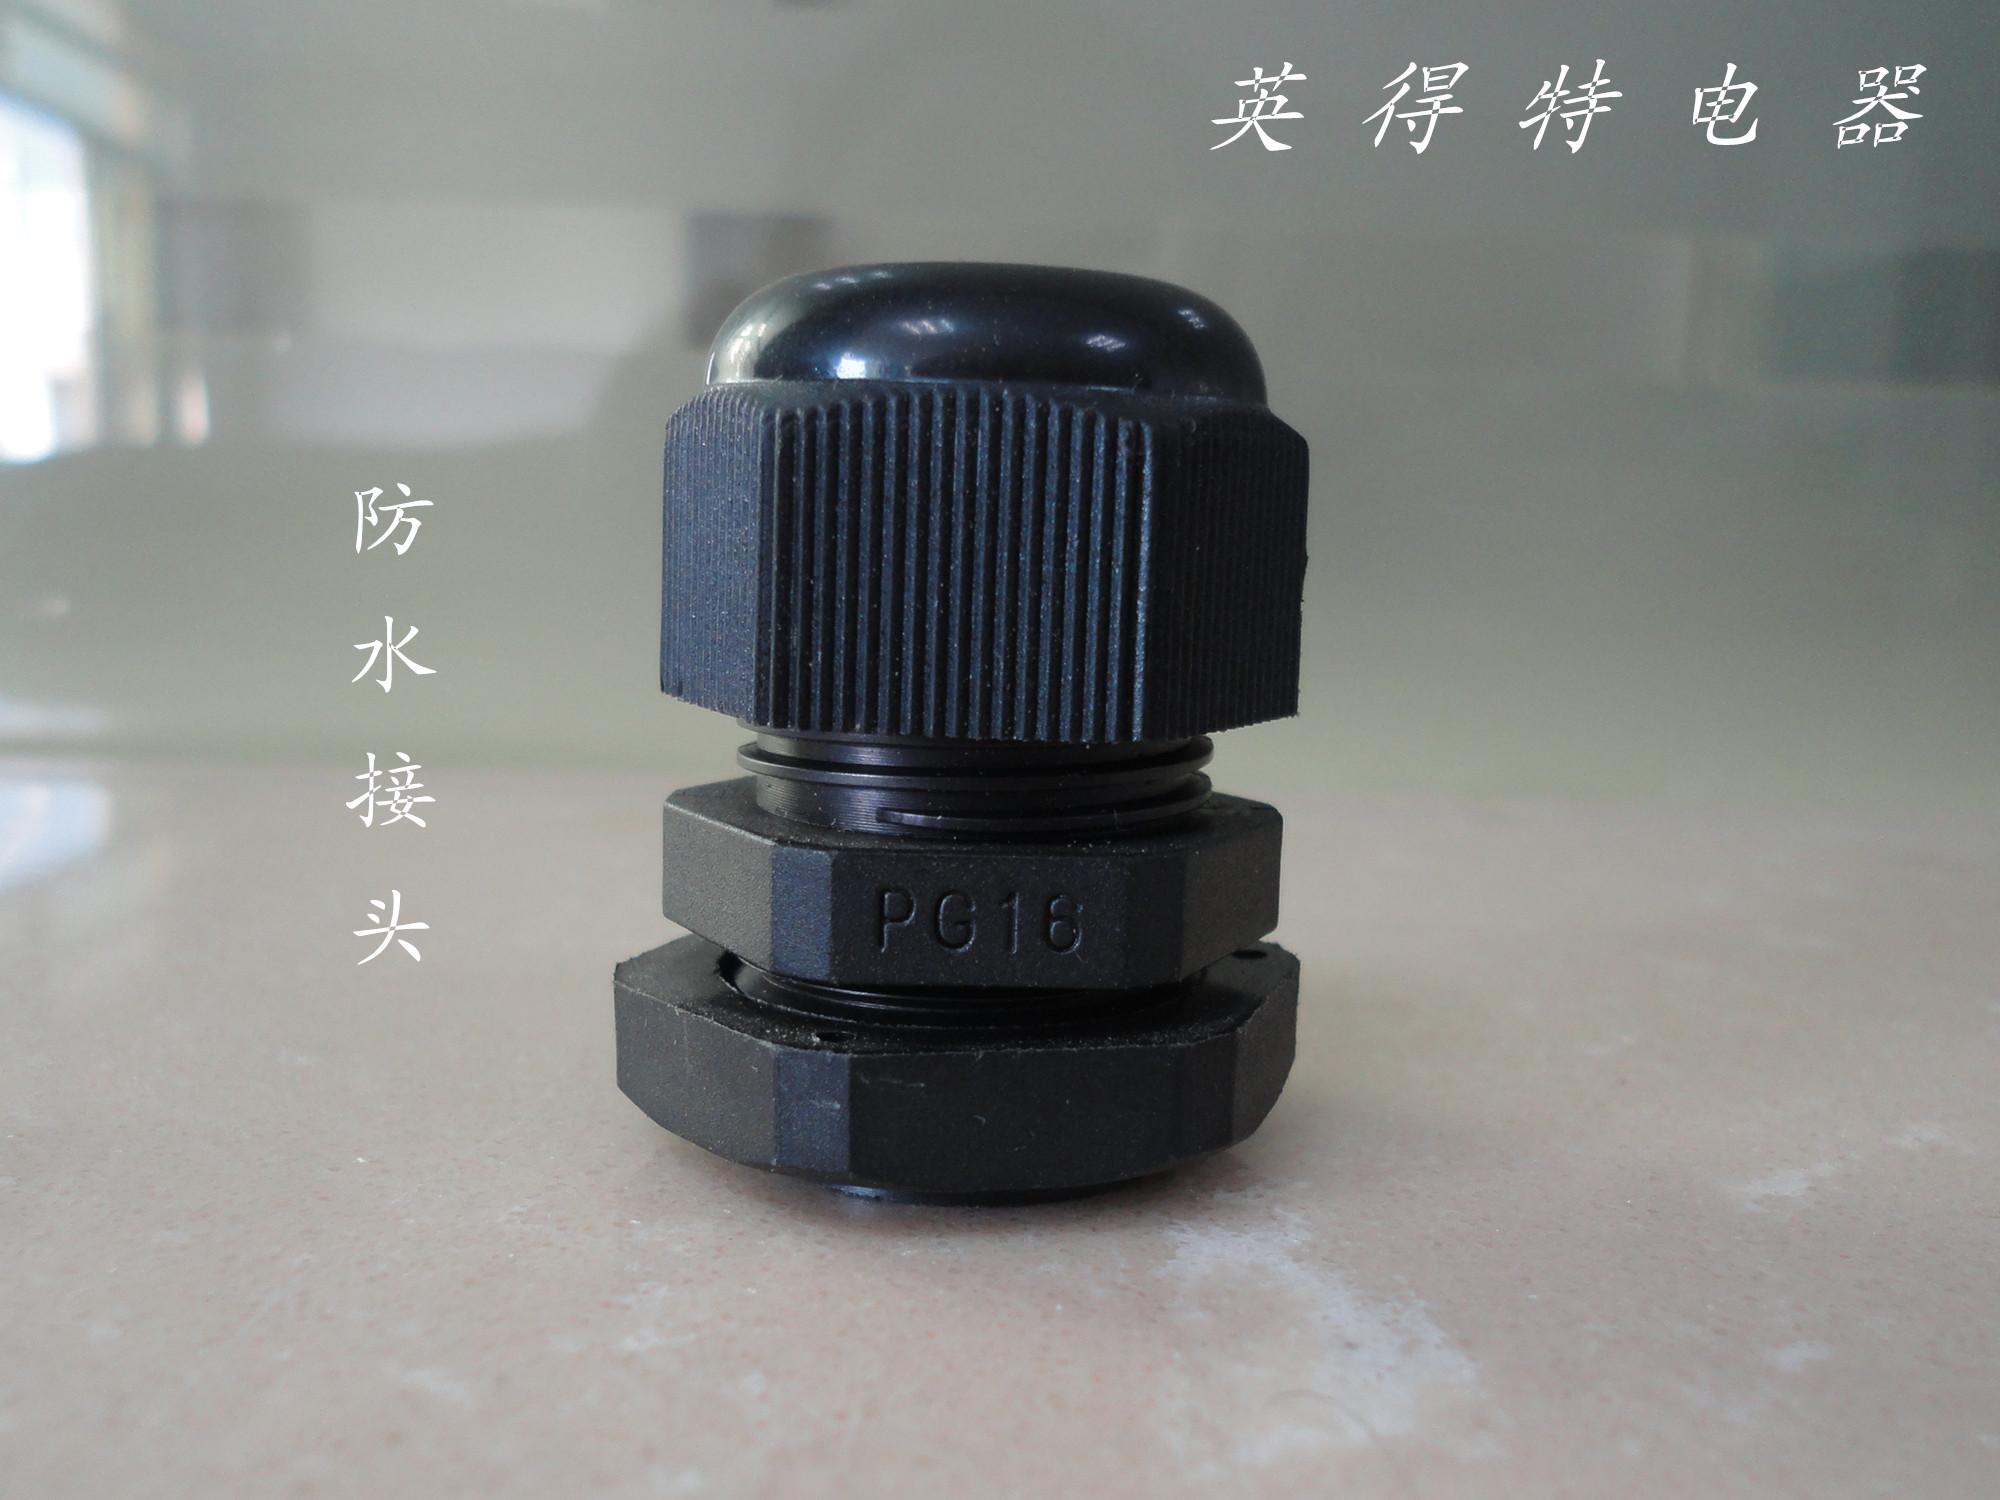 供应用于电机|电表箱|接线盒出线口的pg16防水接头